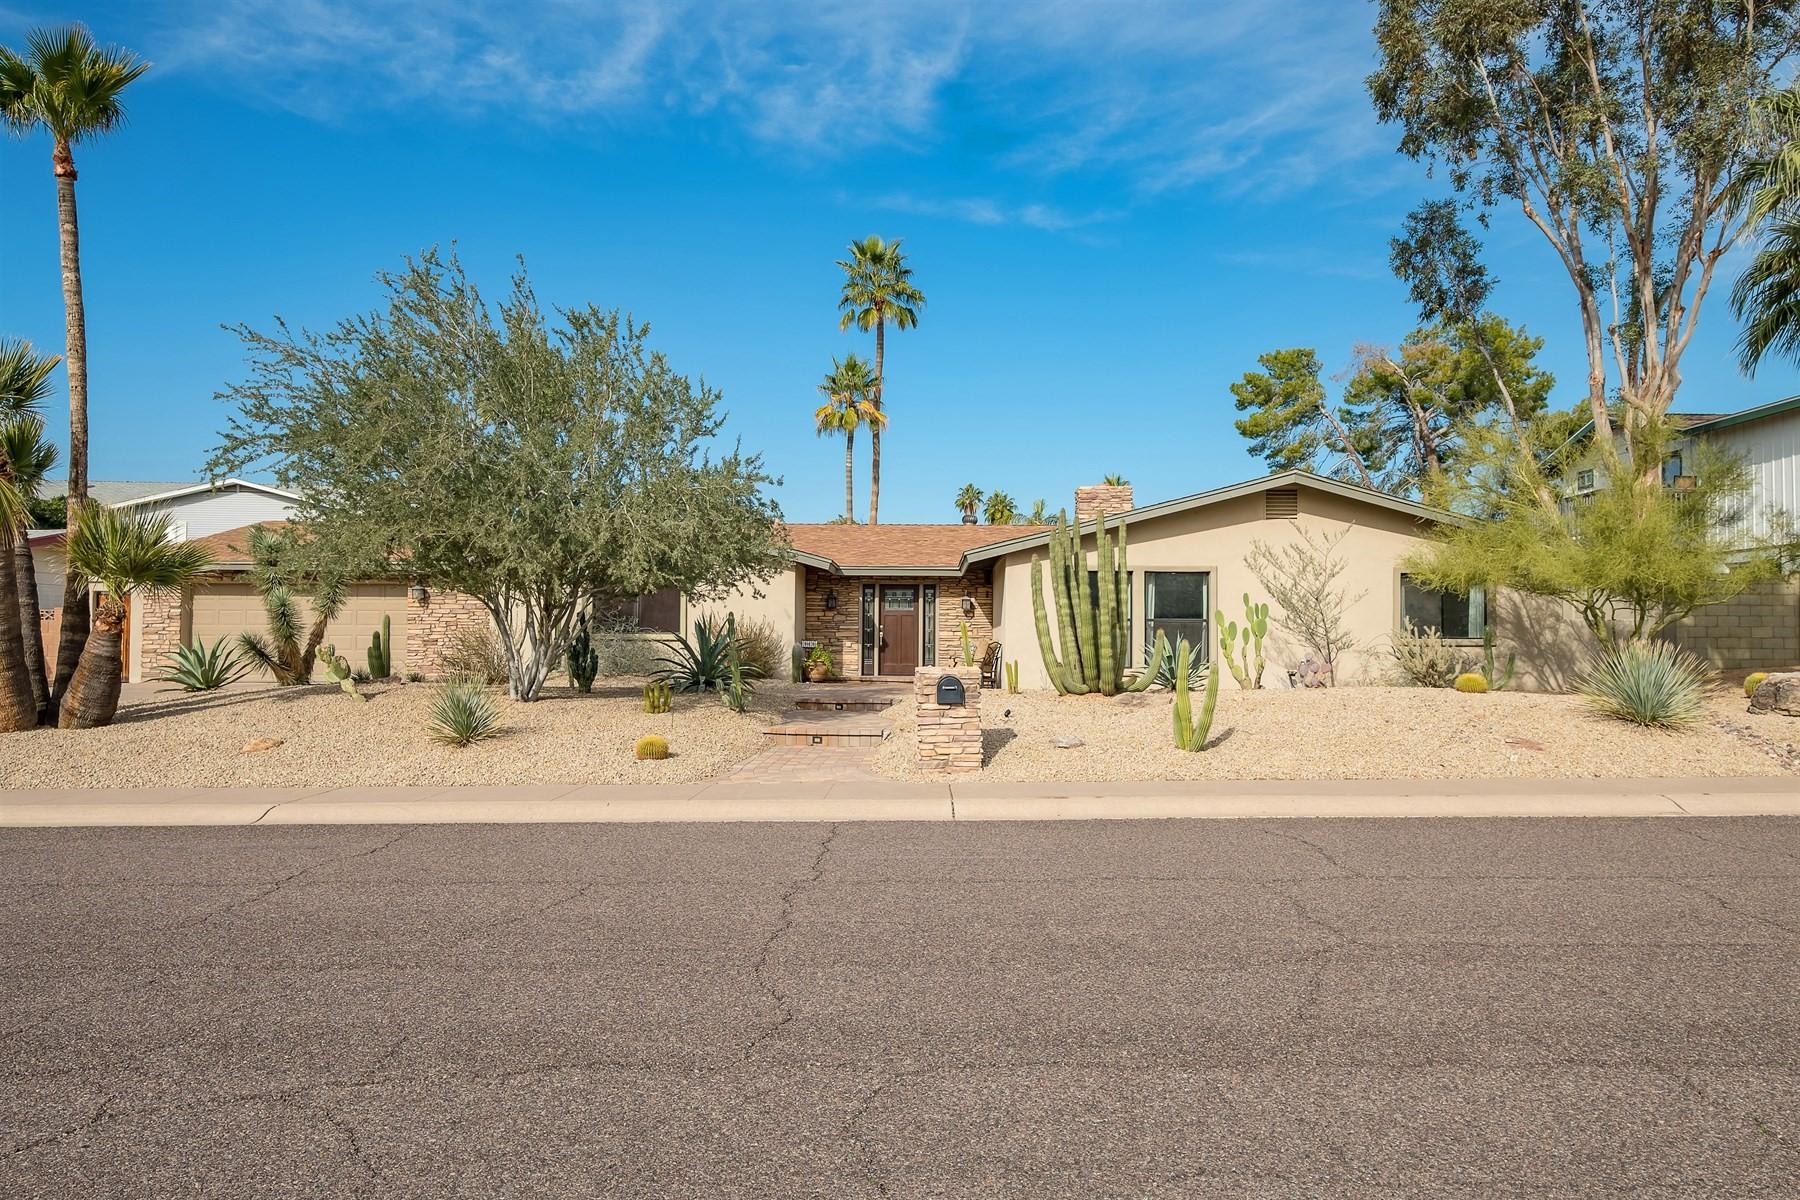 独户住宅 为 销售 在 Fabulous remodel home in Maricopa 2020 E Lamar Rd 菲尼克斯(凤凰城), 亚利桑那州, 85016 美国